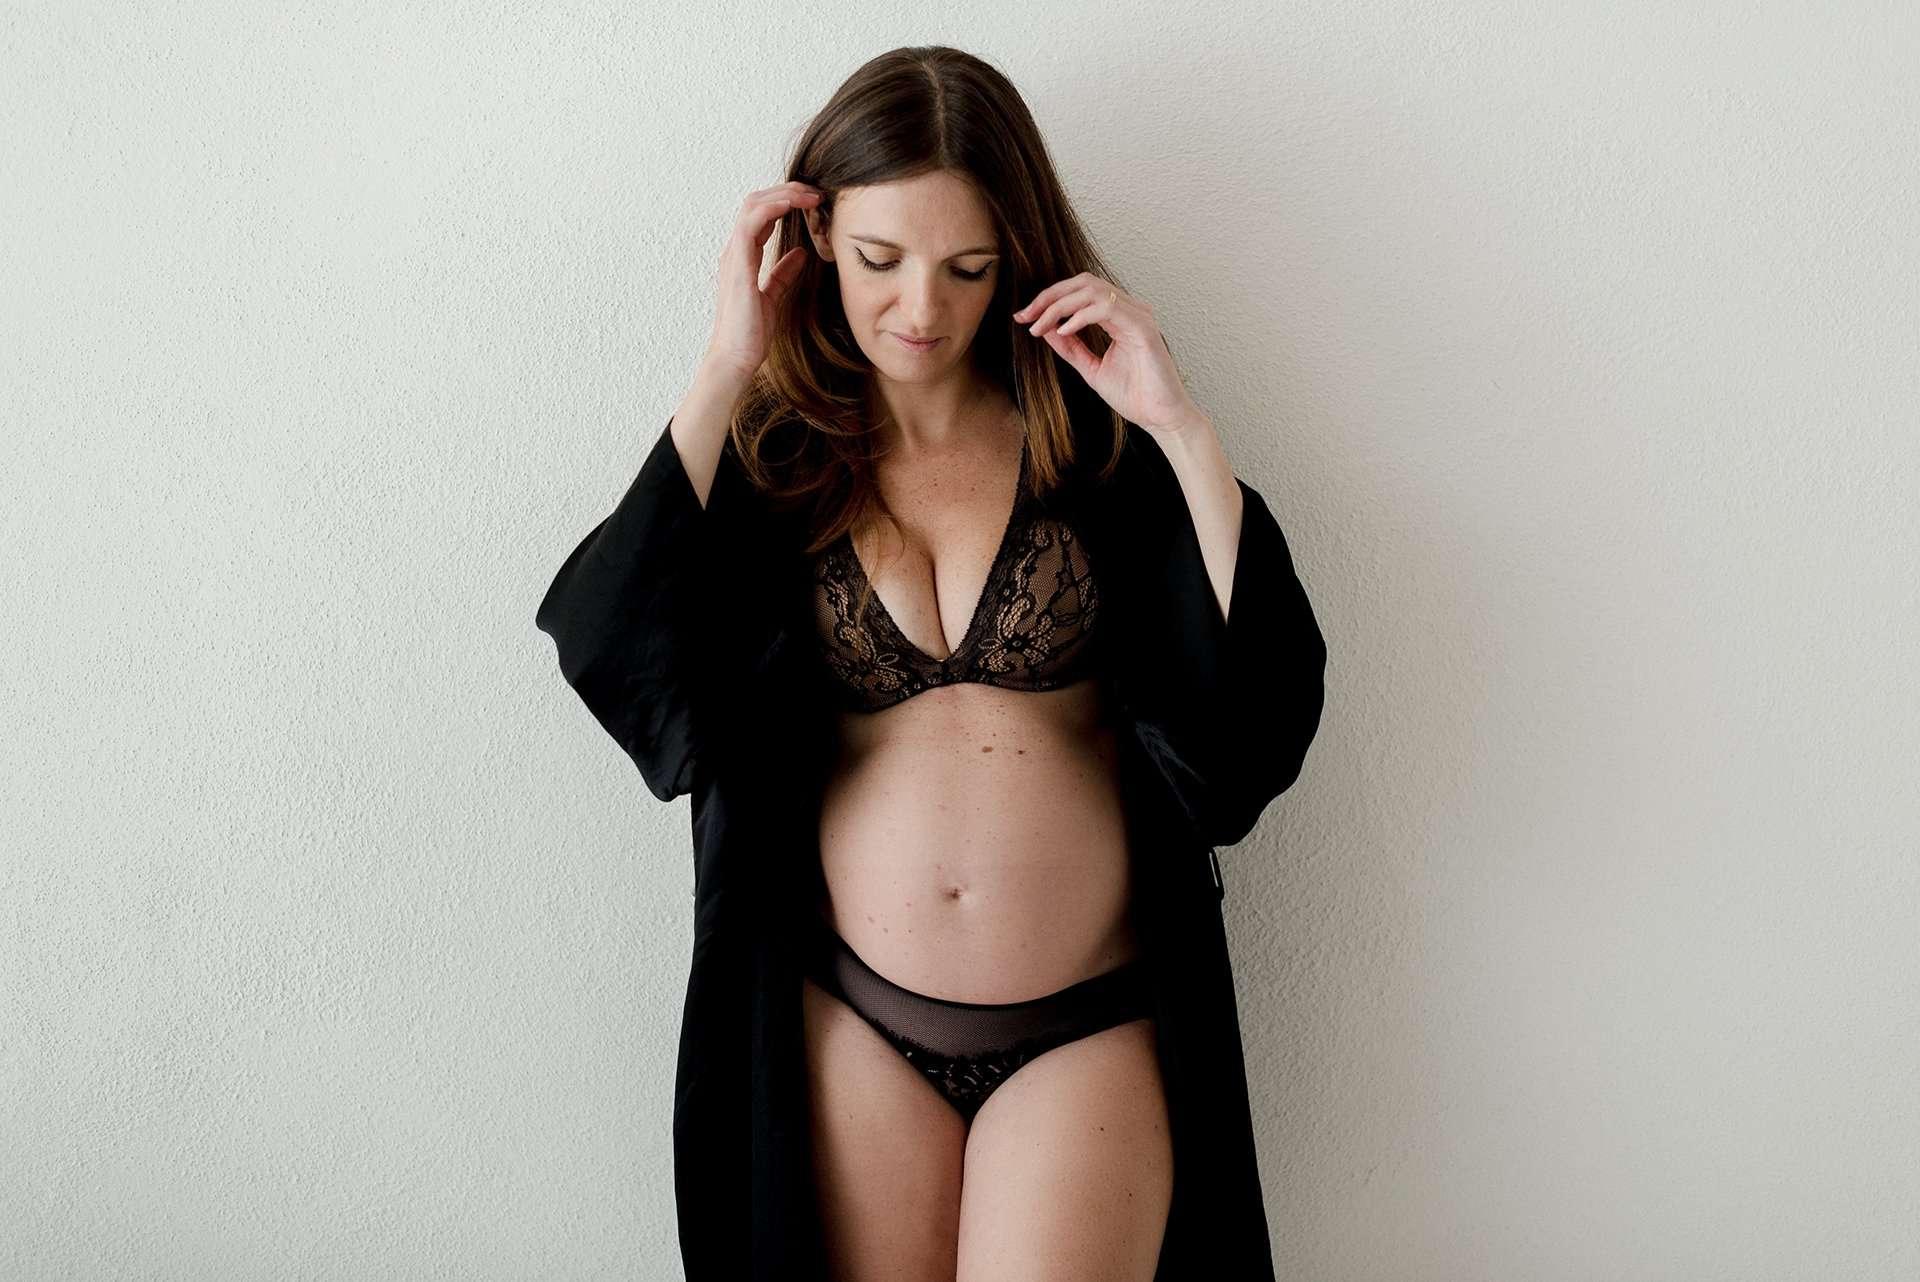 Fotografia frontale donna incinta realizzata da Barbara Trincone Fotografo specializzato in Gravidanza, Maternità, Genitorialità, Nascita e Newborn a Napoli